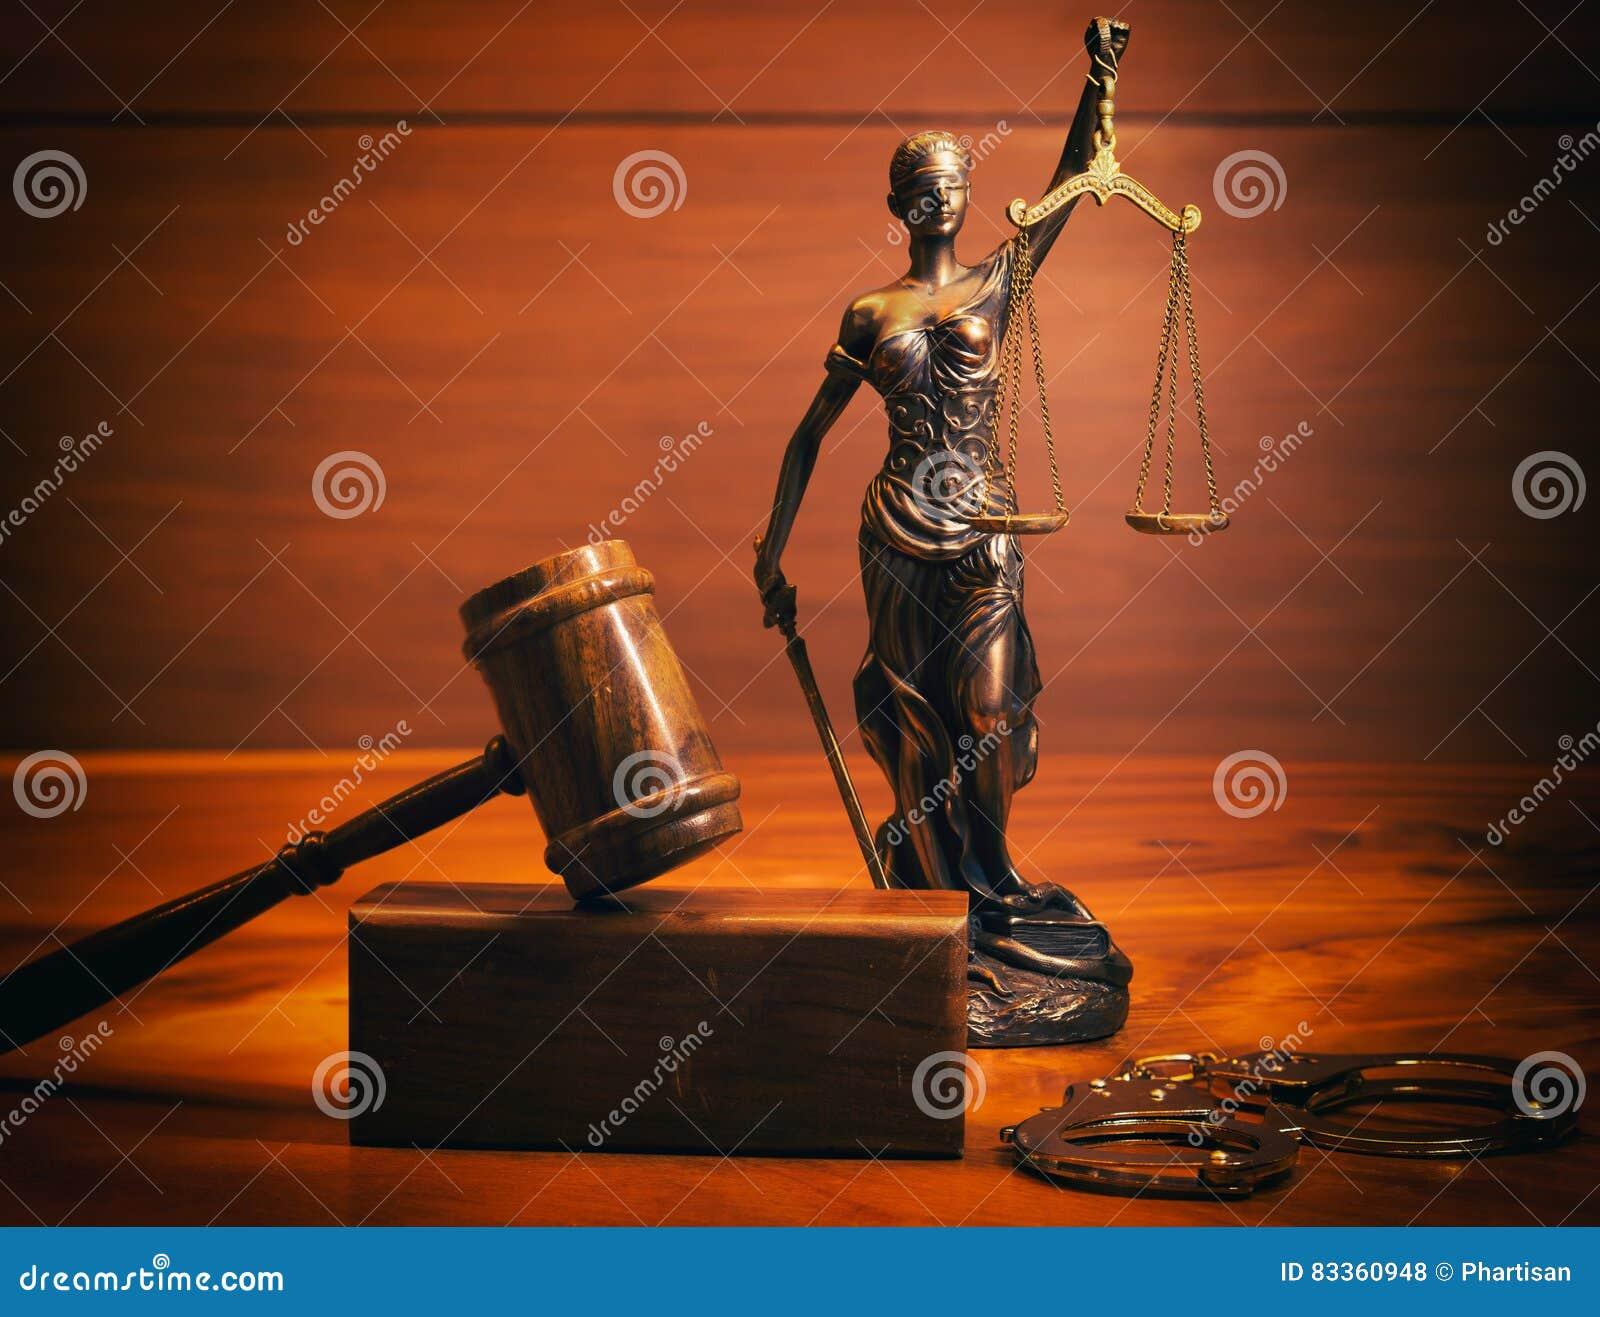 Νομική εικόνα έννοιας νόμου με τις κλίμακες της δικαιοσύνης